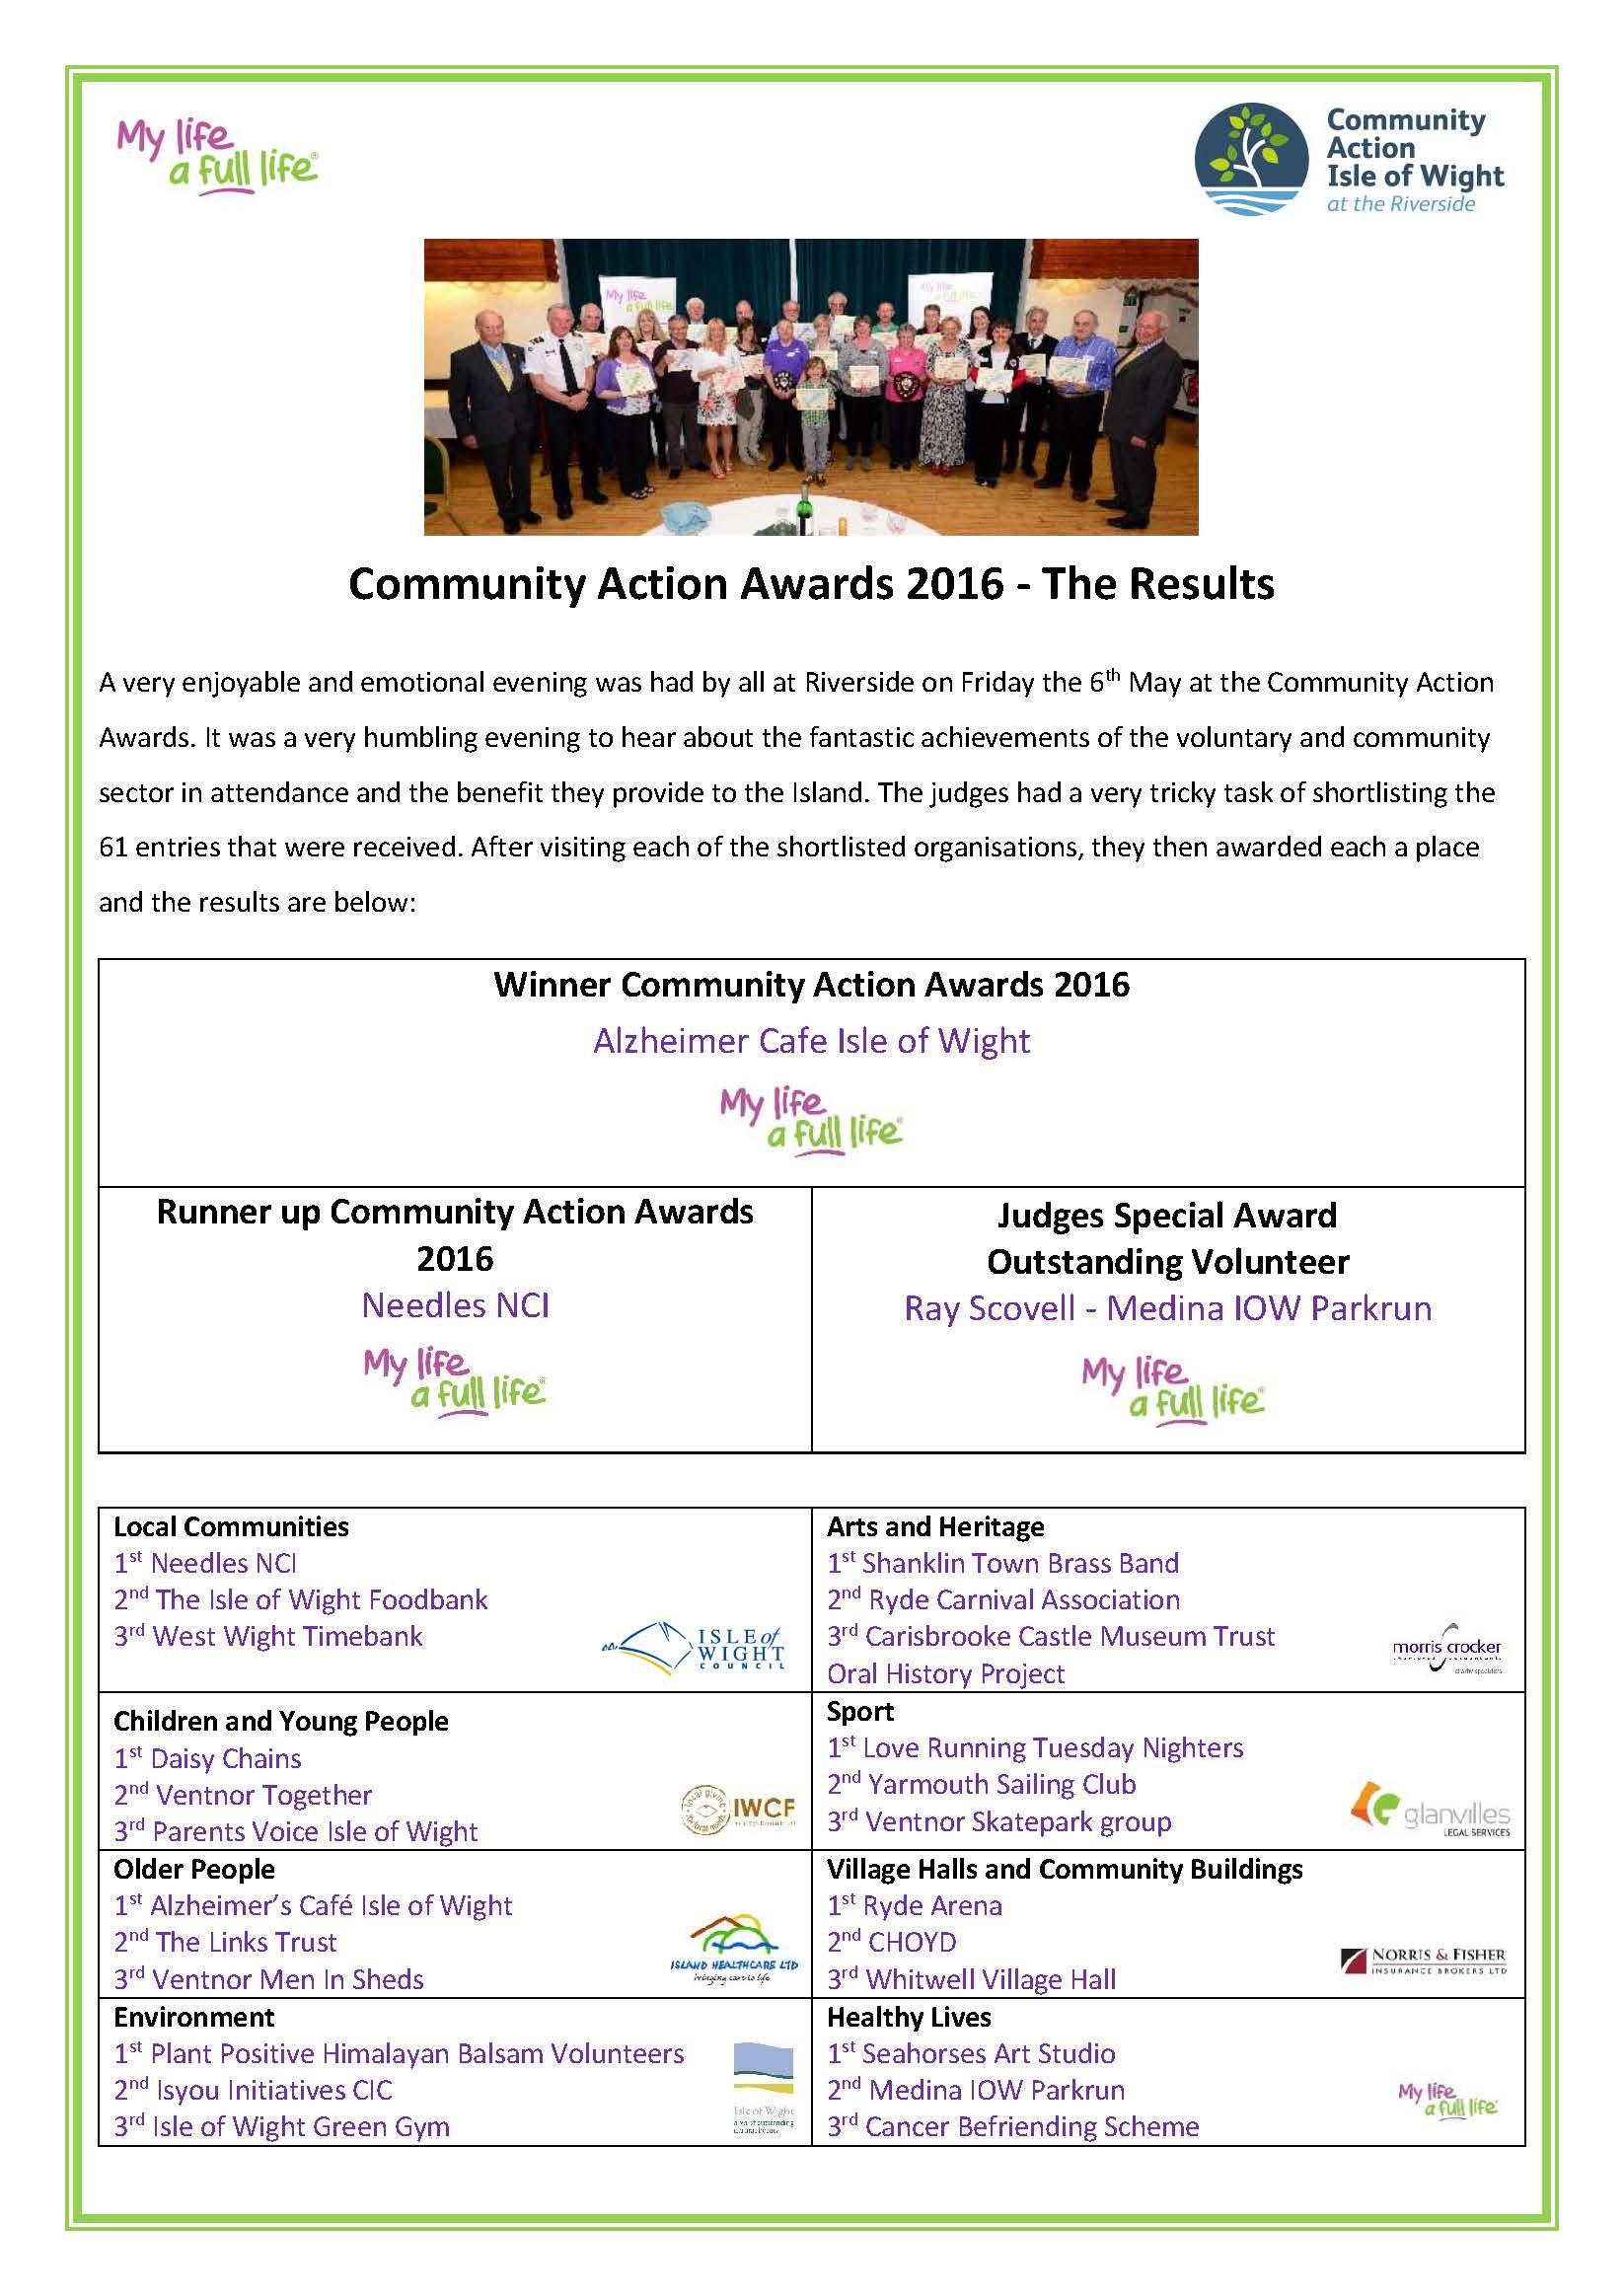 Community Action Awards 2016 write up